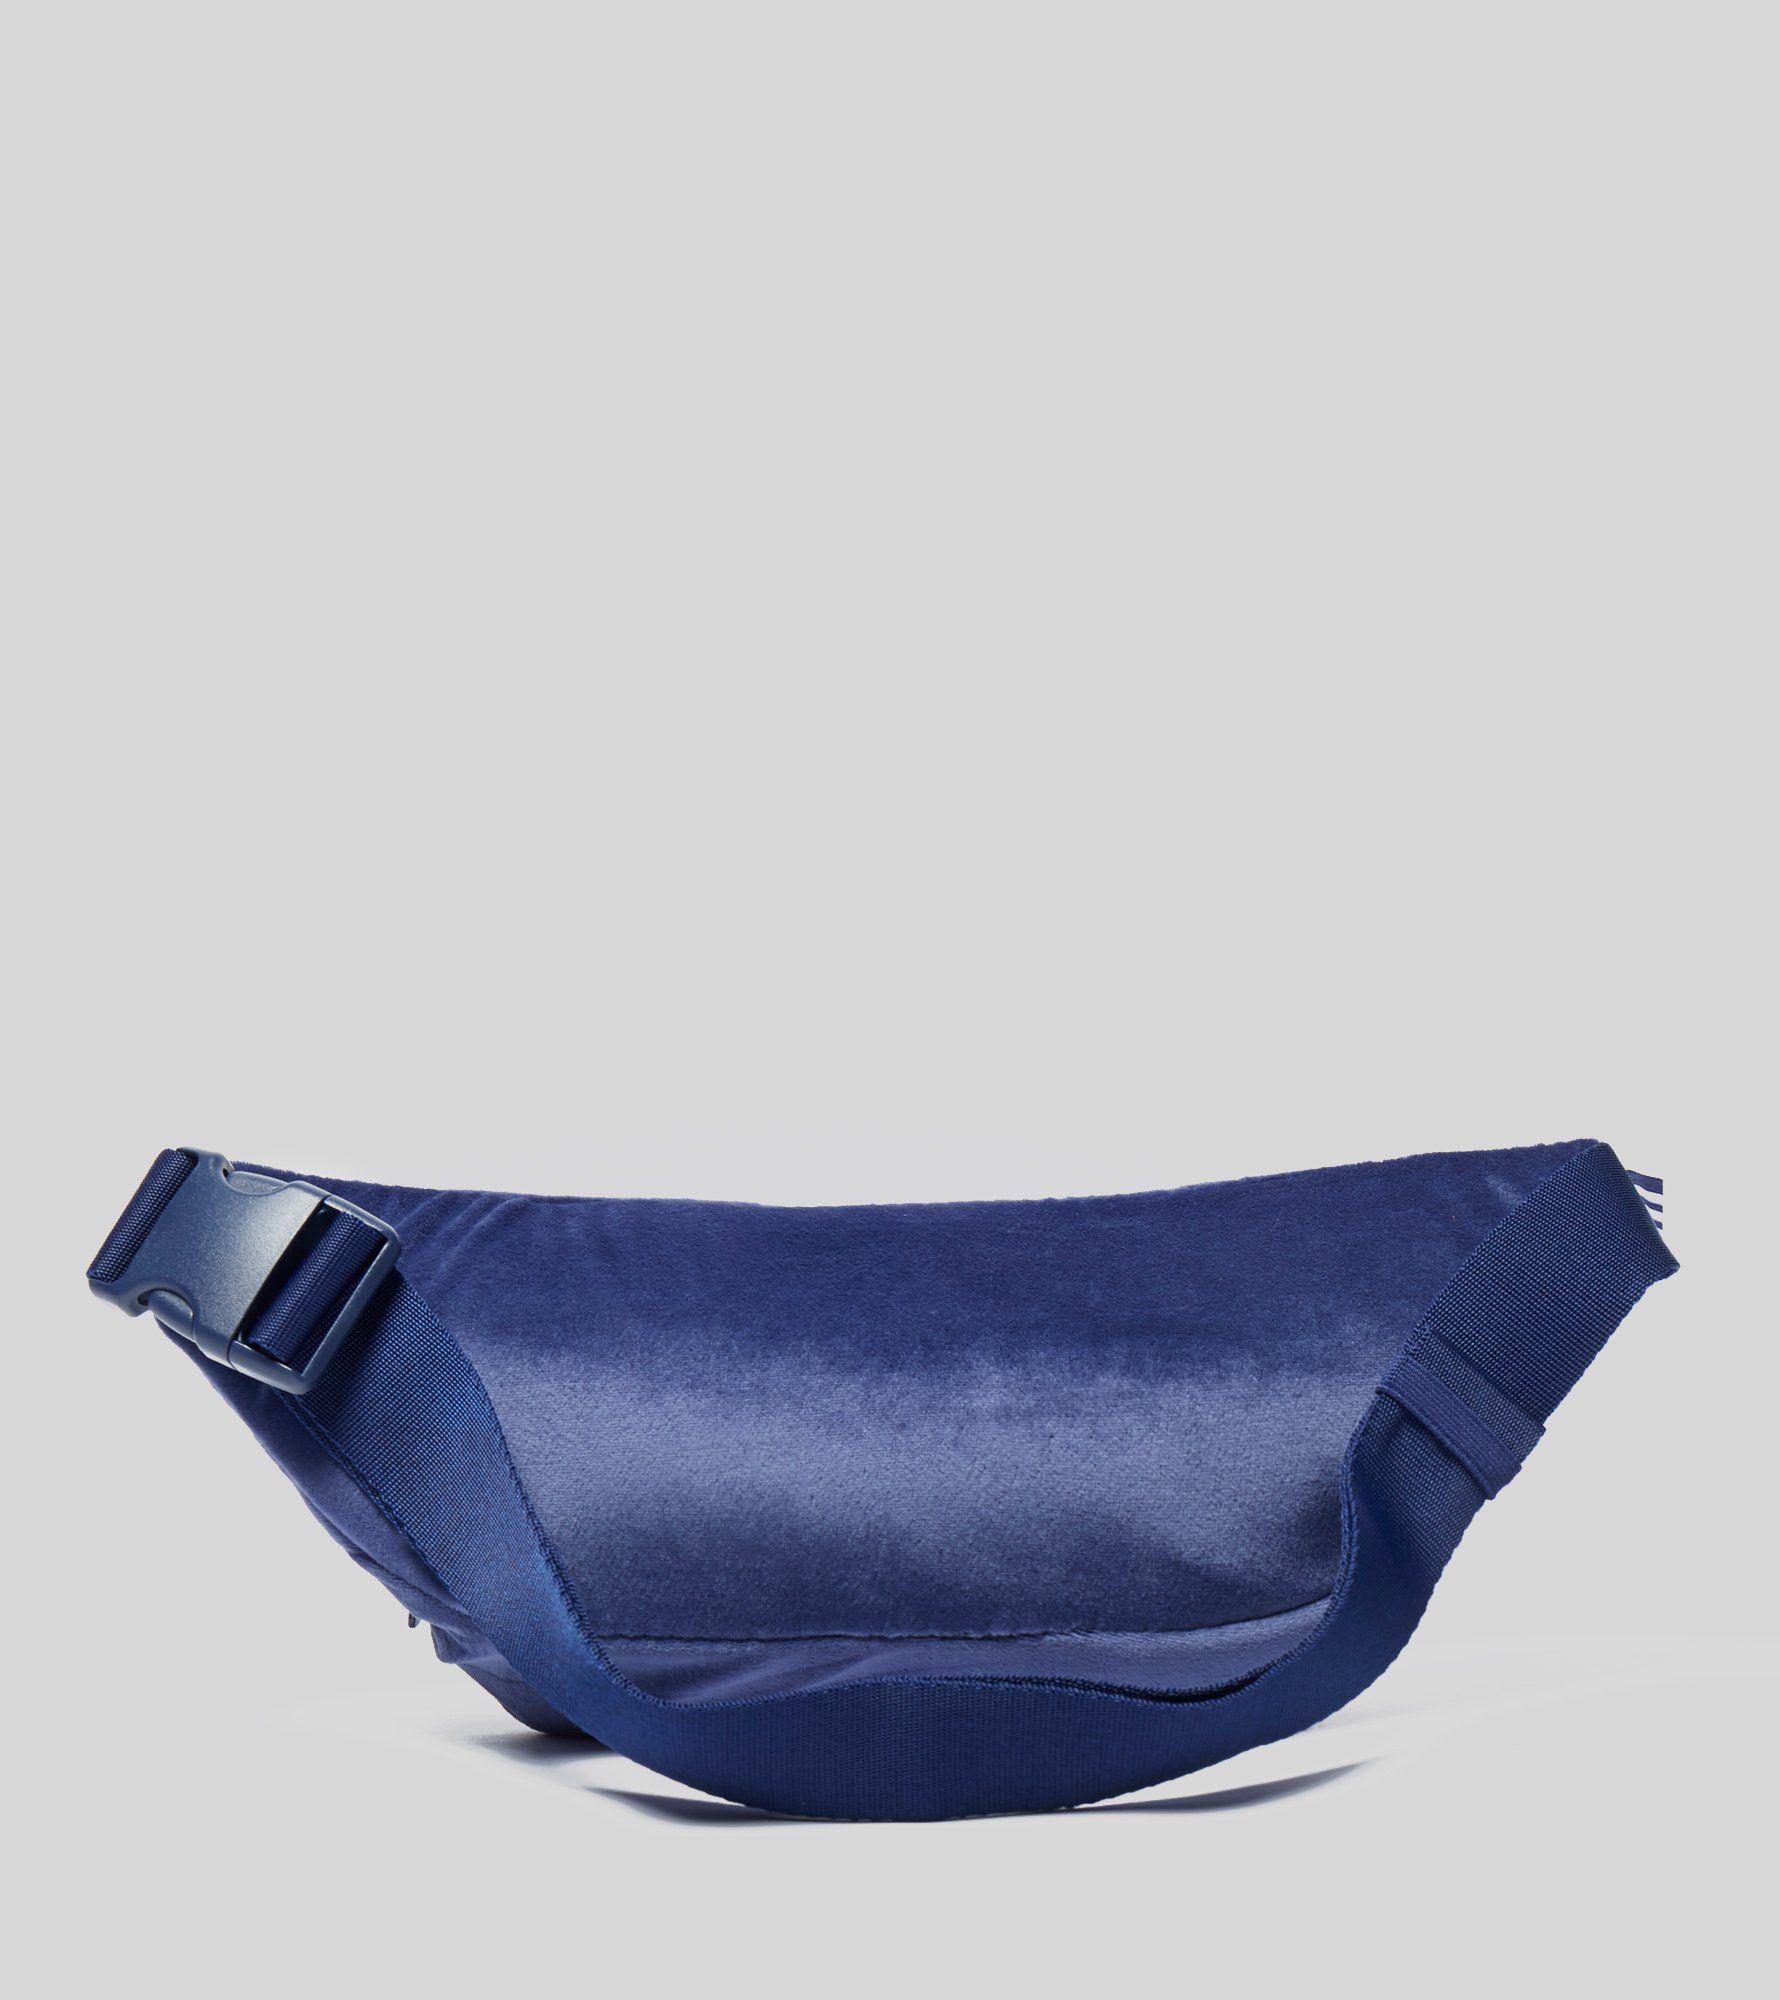 adidas Originals '90s Waist Bag